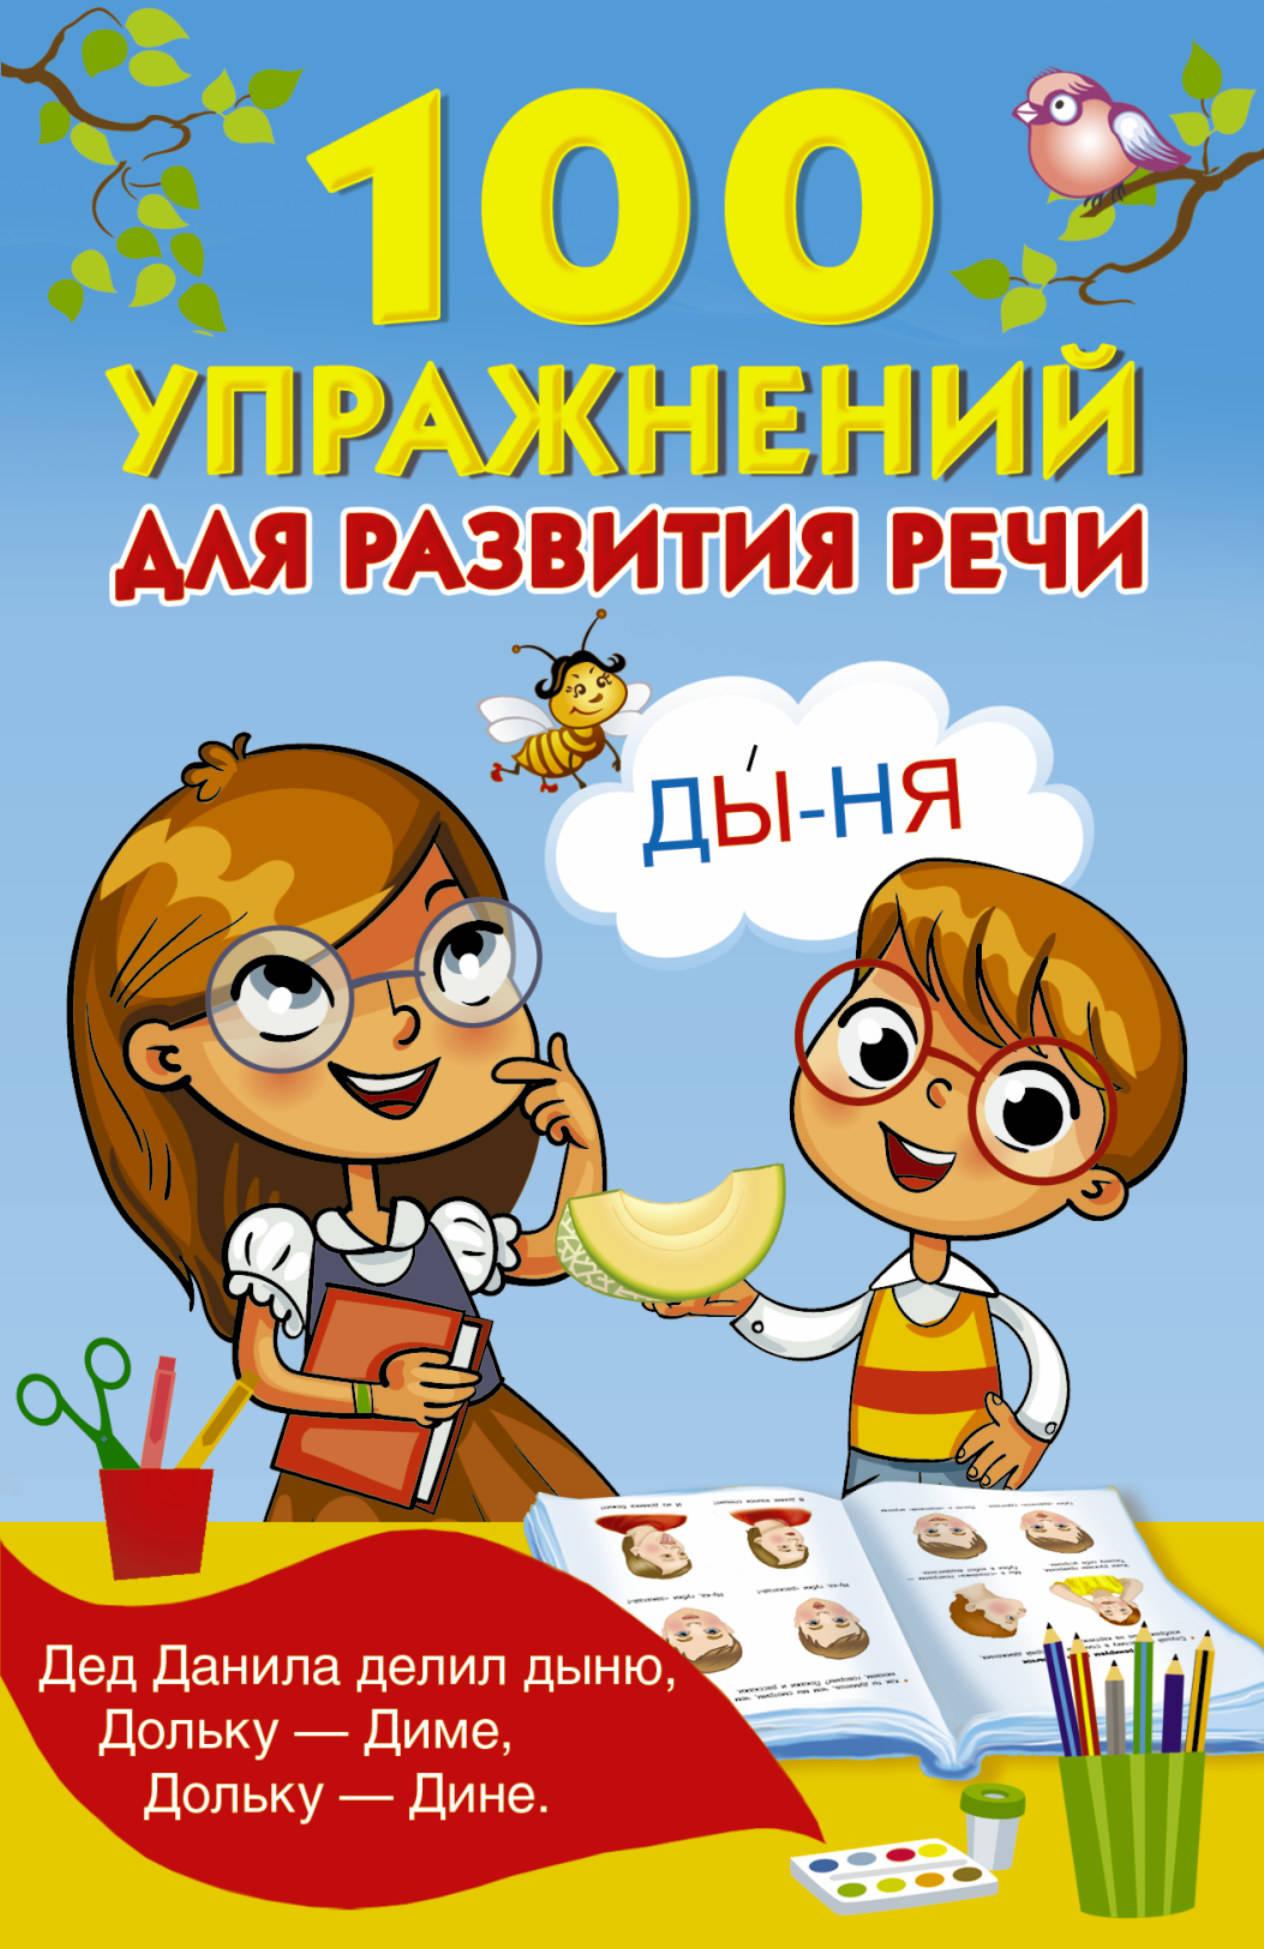 Дмитриева В.Г., Горбунова И.В., Кузнецова А.О. 100 упражнений для развития речи учимся правильно произносить звуки ш и ж